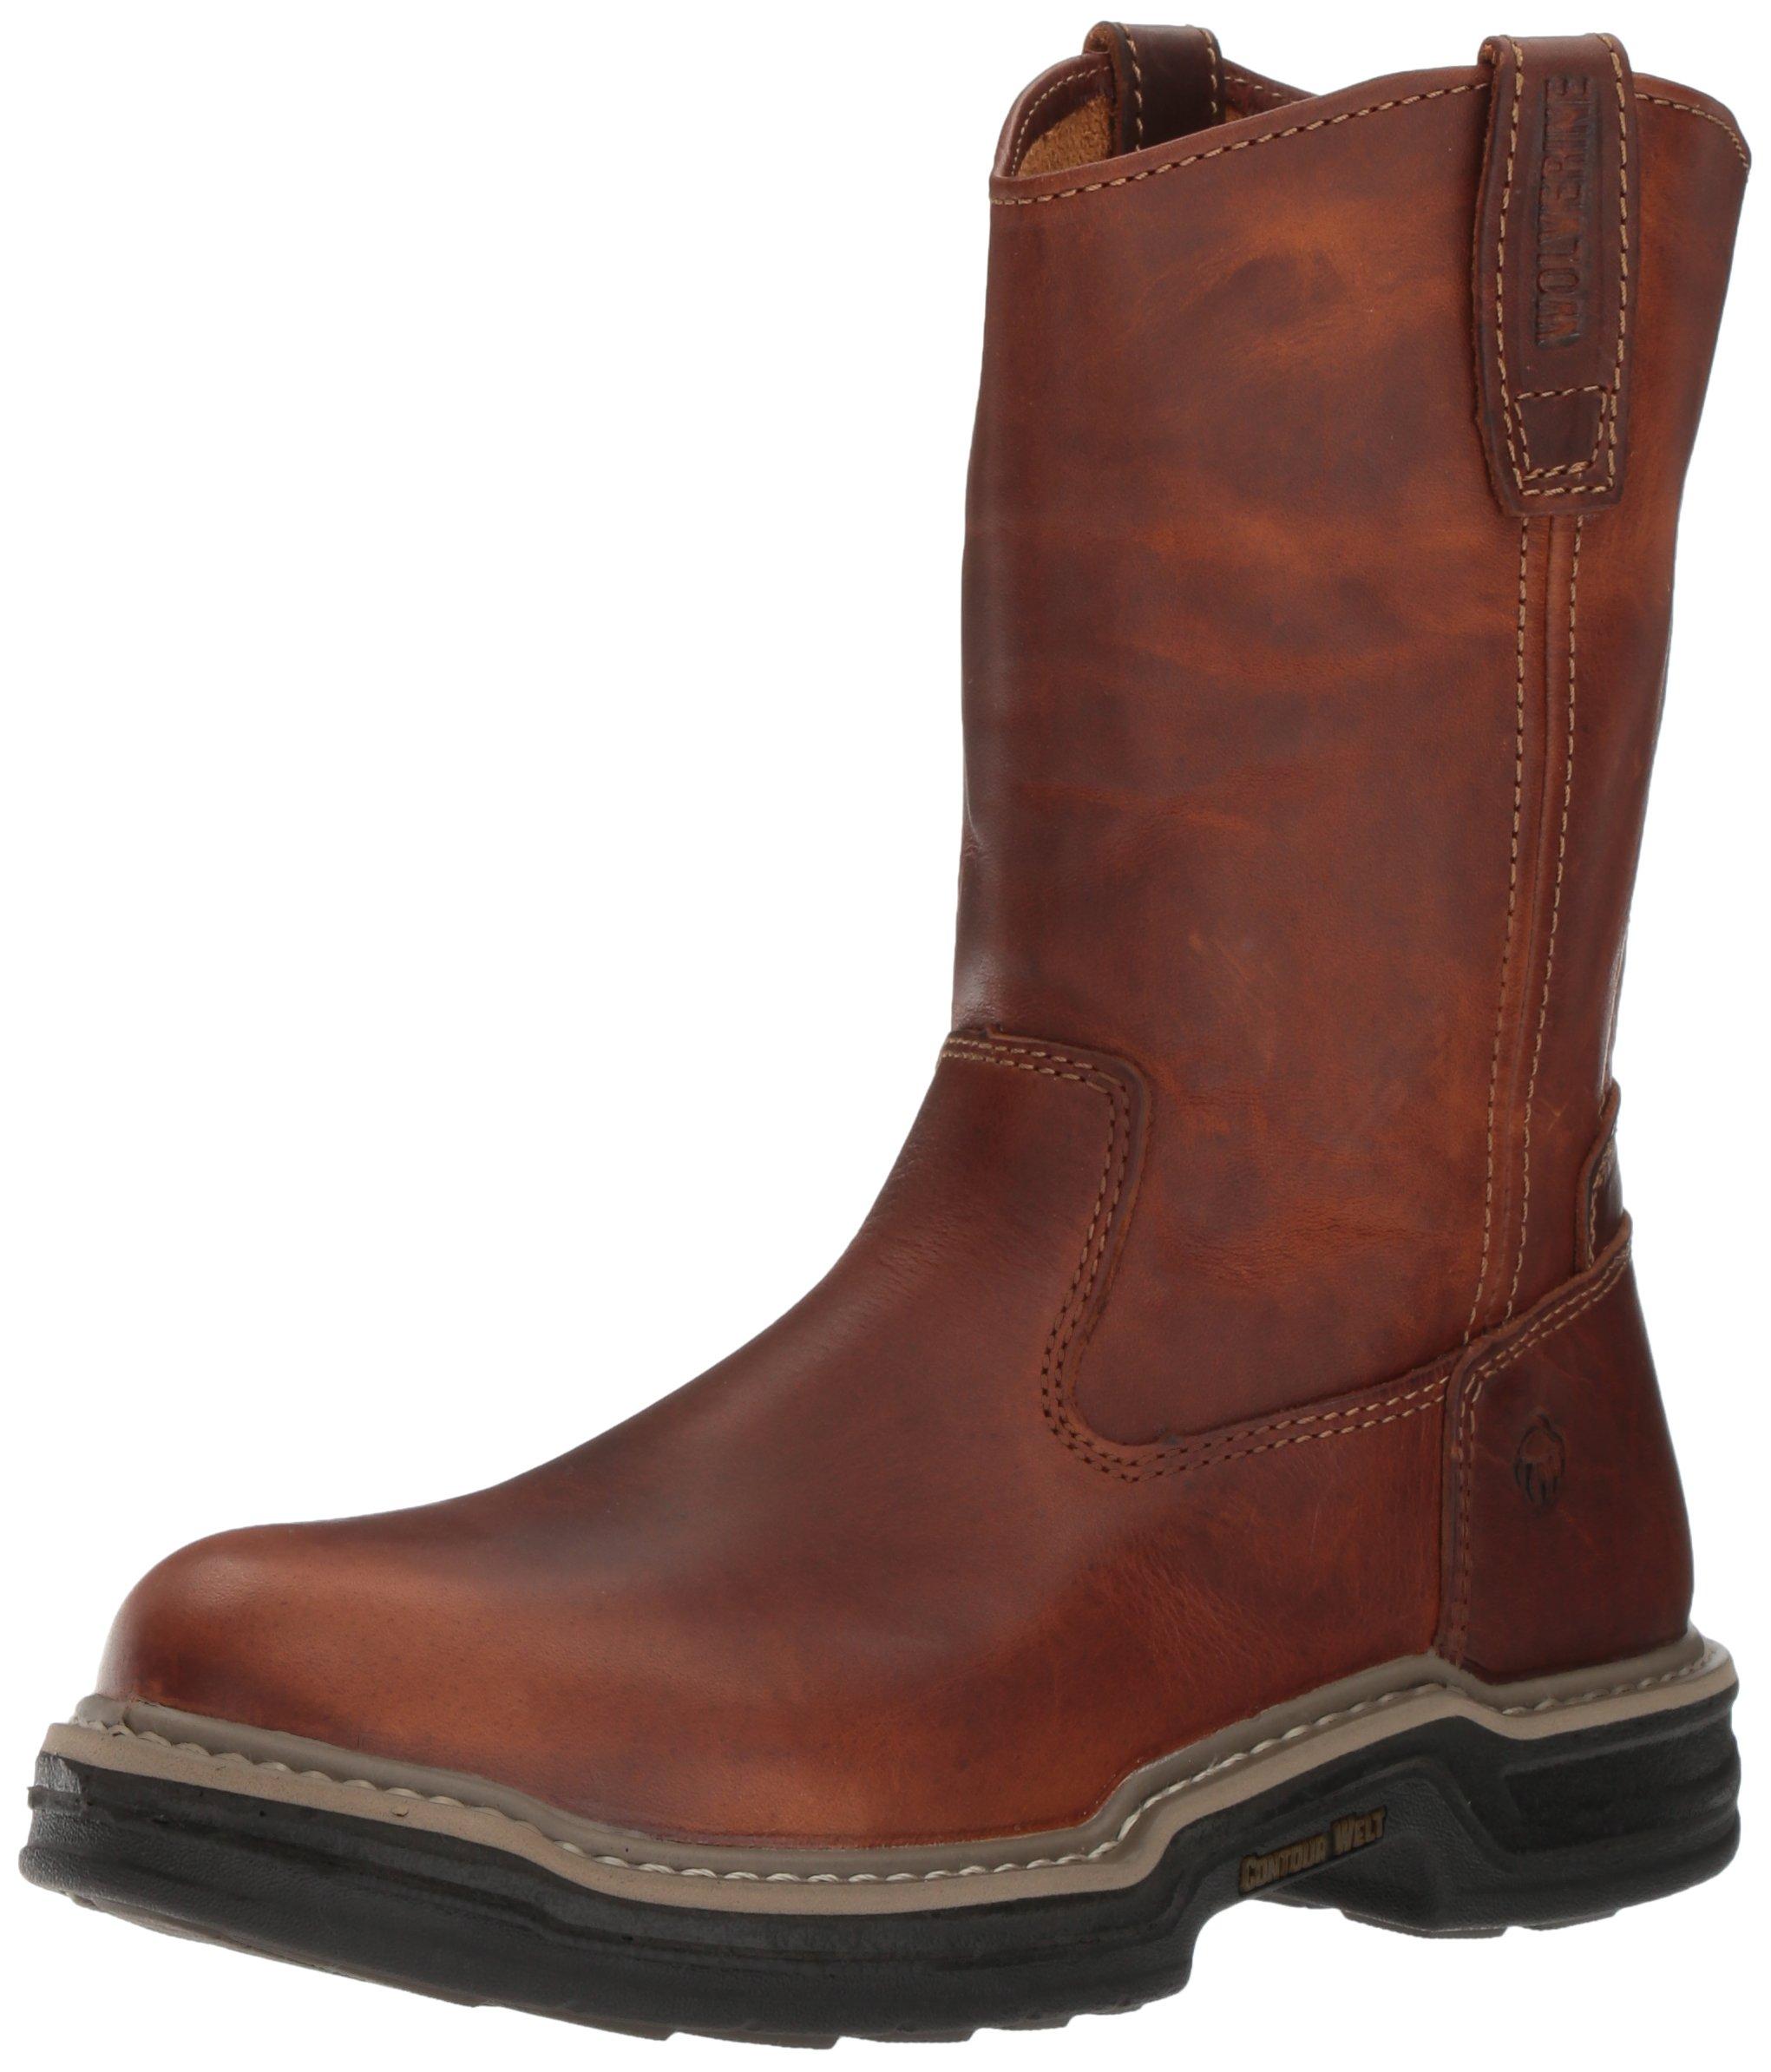 Wolverine Men's W02429 Raider Boot, Brown, 11 M US